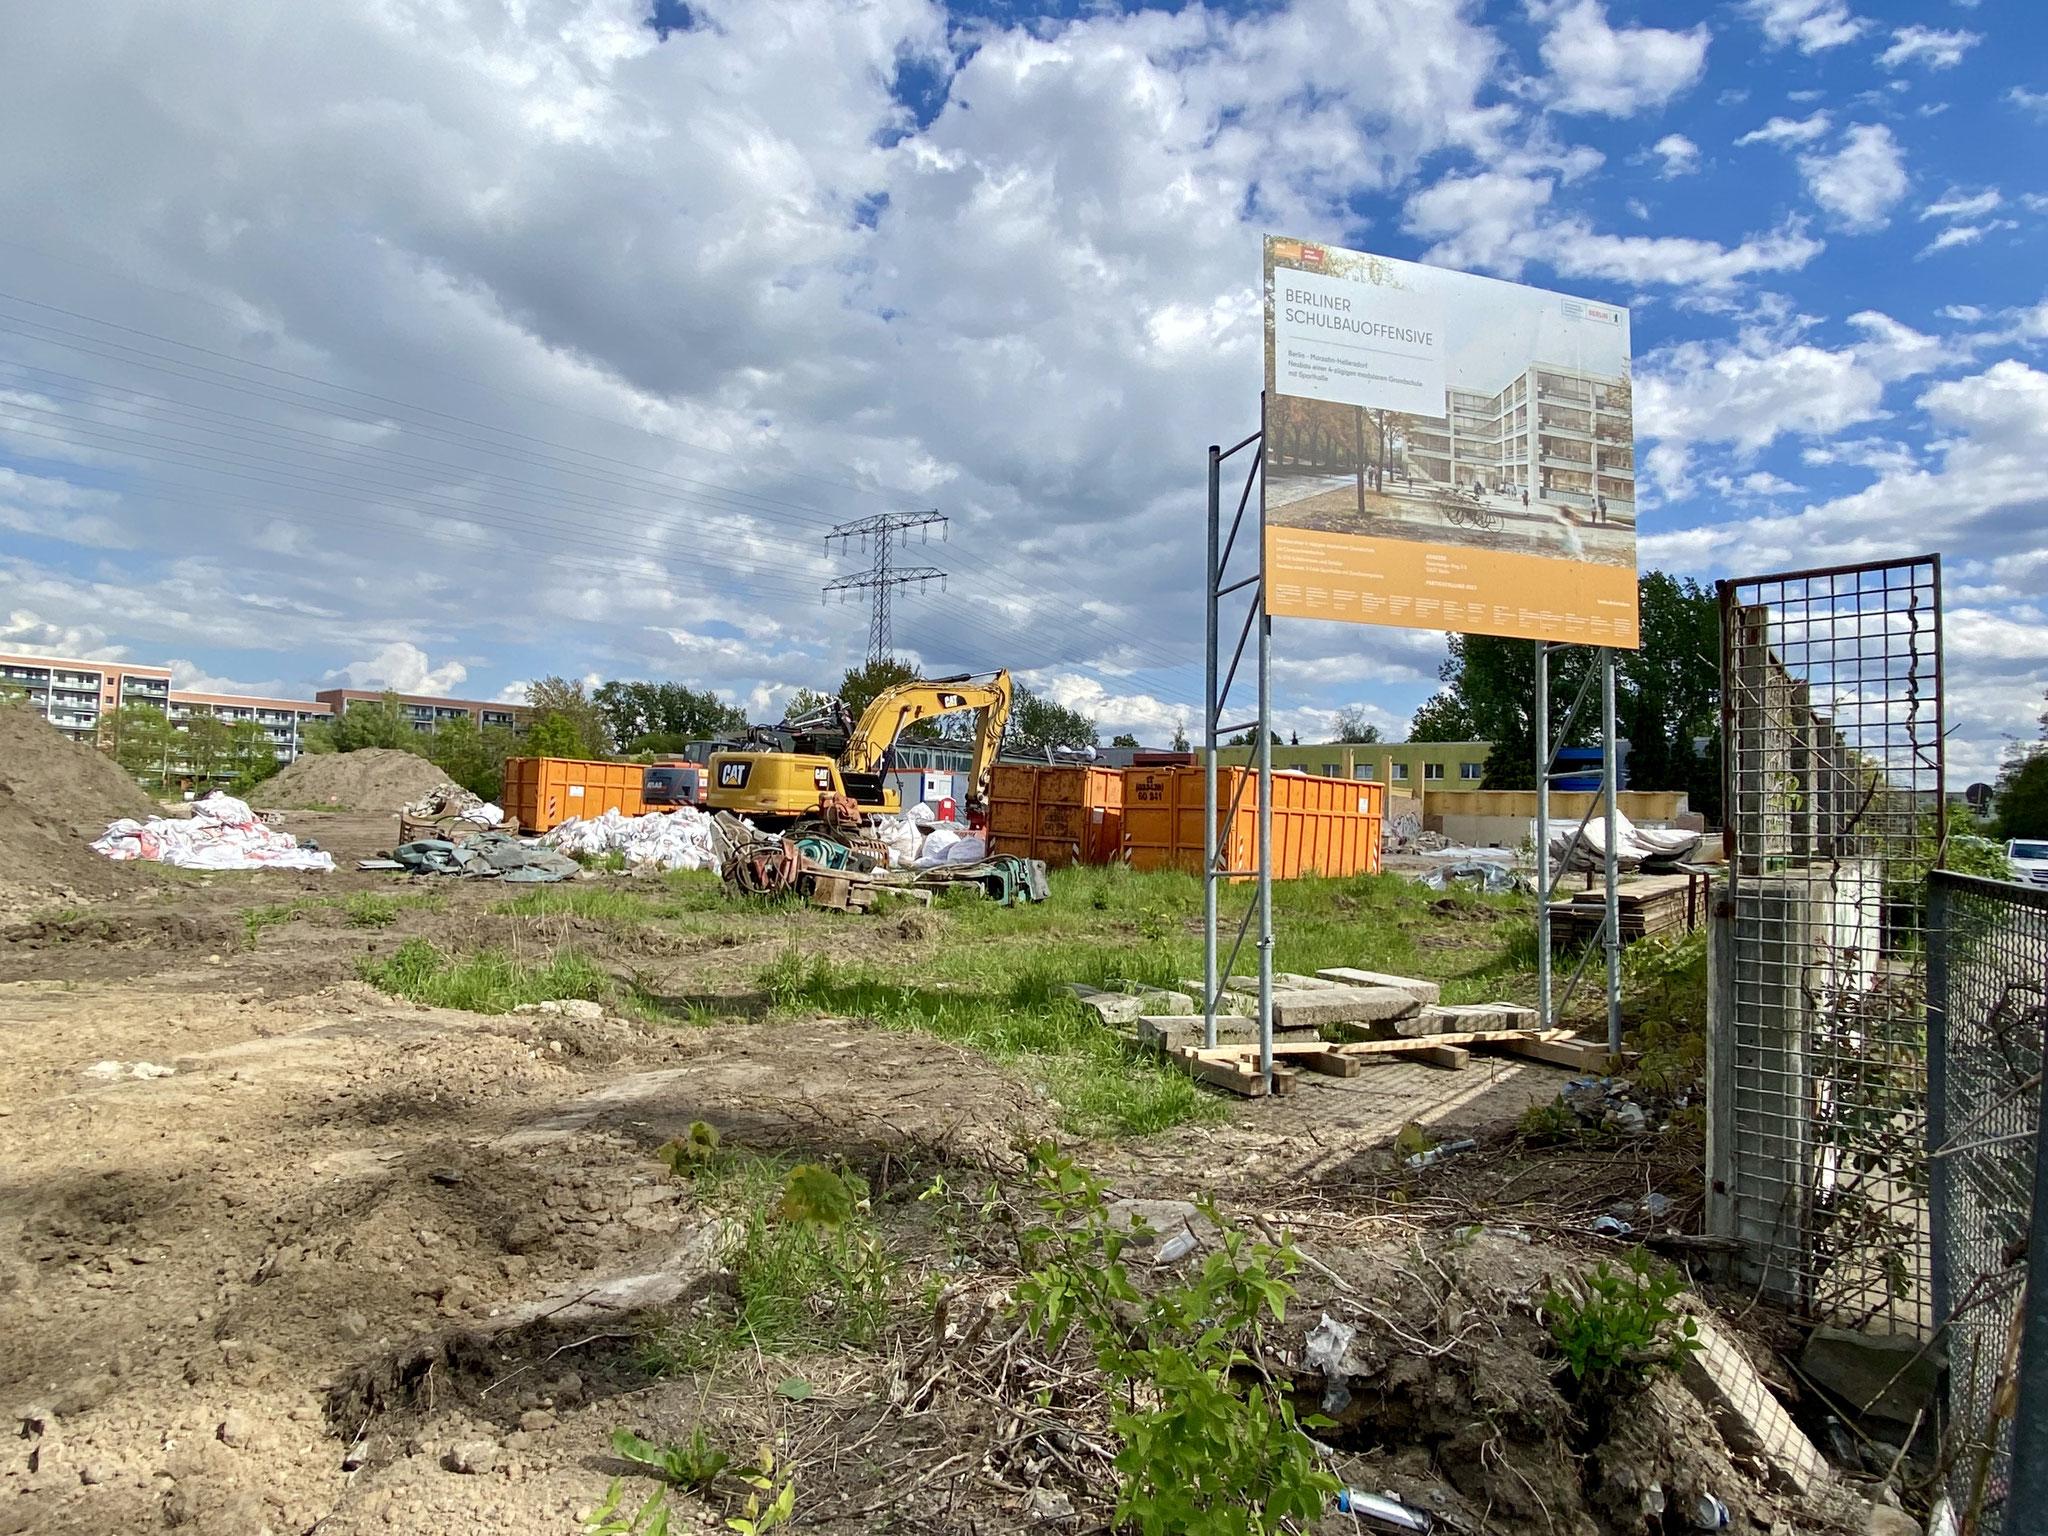 Derzeit finden auf dem Grundstück noch Abbrucharbeiten statt. Weil der Neubau nicht bis zum Sommer 2022 fertig wird, ...